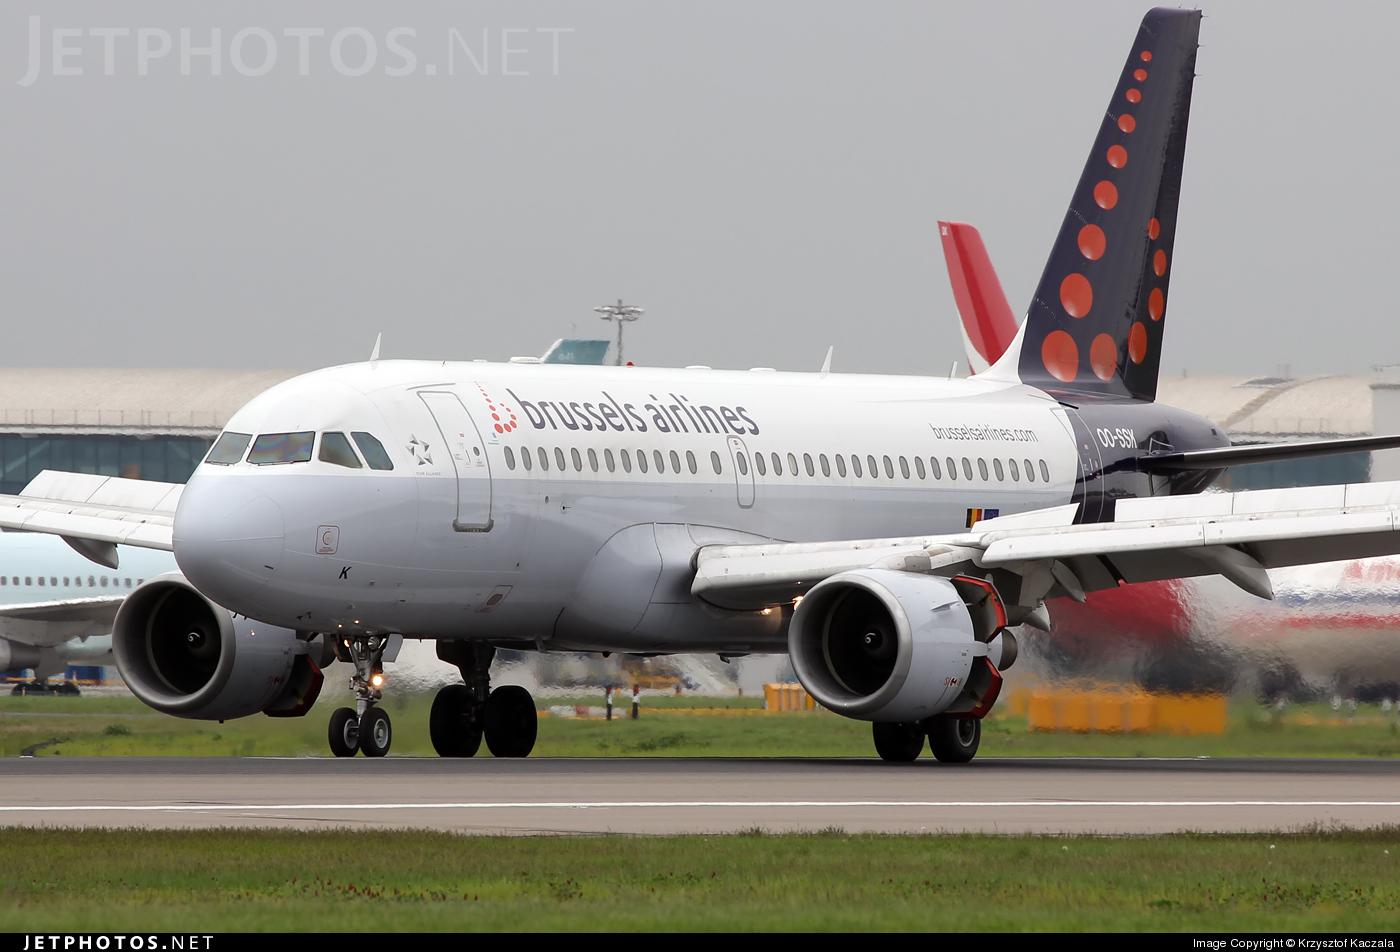 Photo of OO-SSK Airbus A319-112 by Krzysztof Kaczala